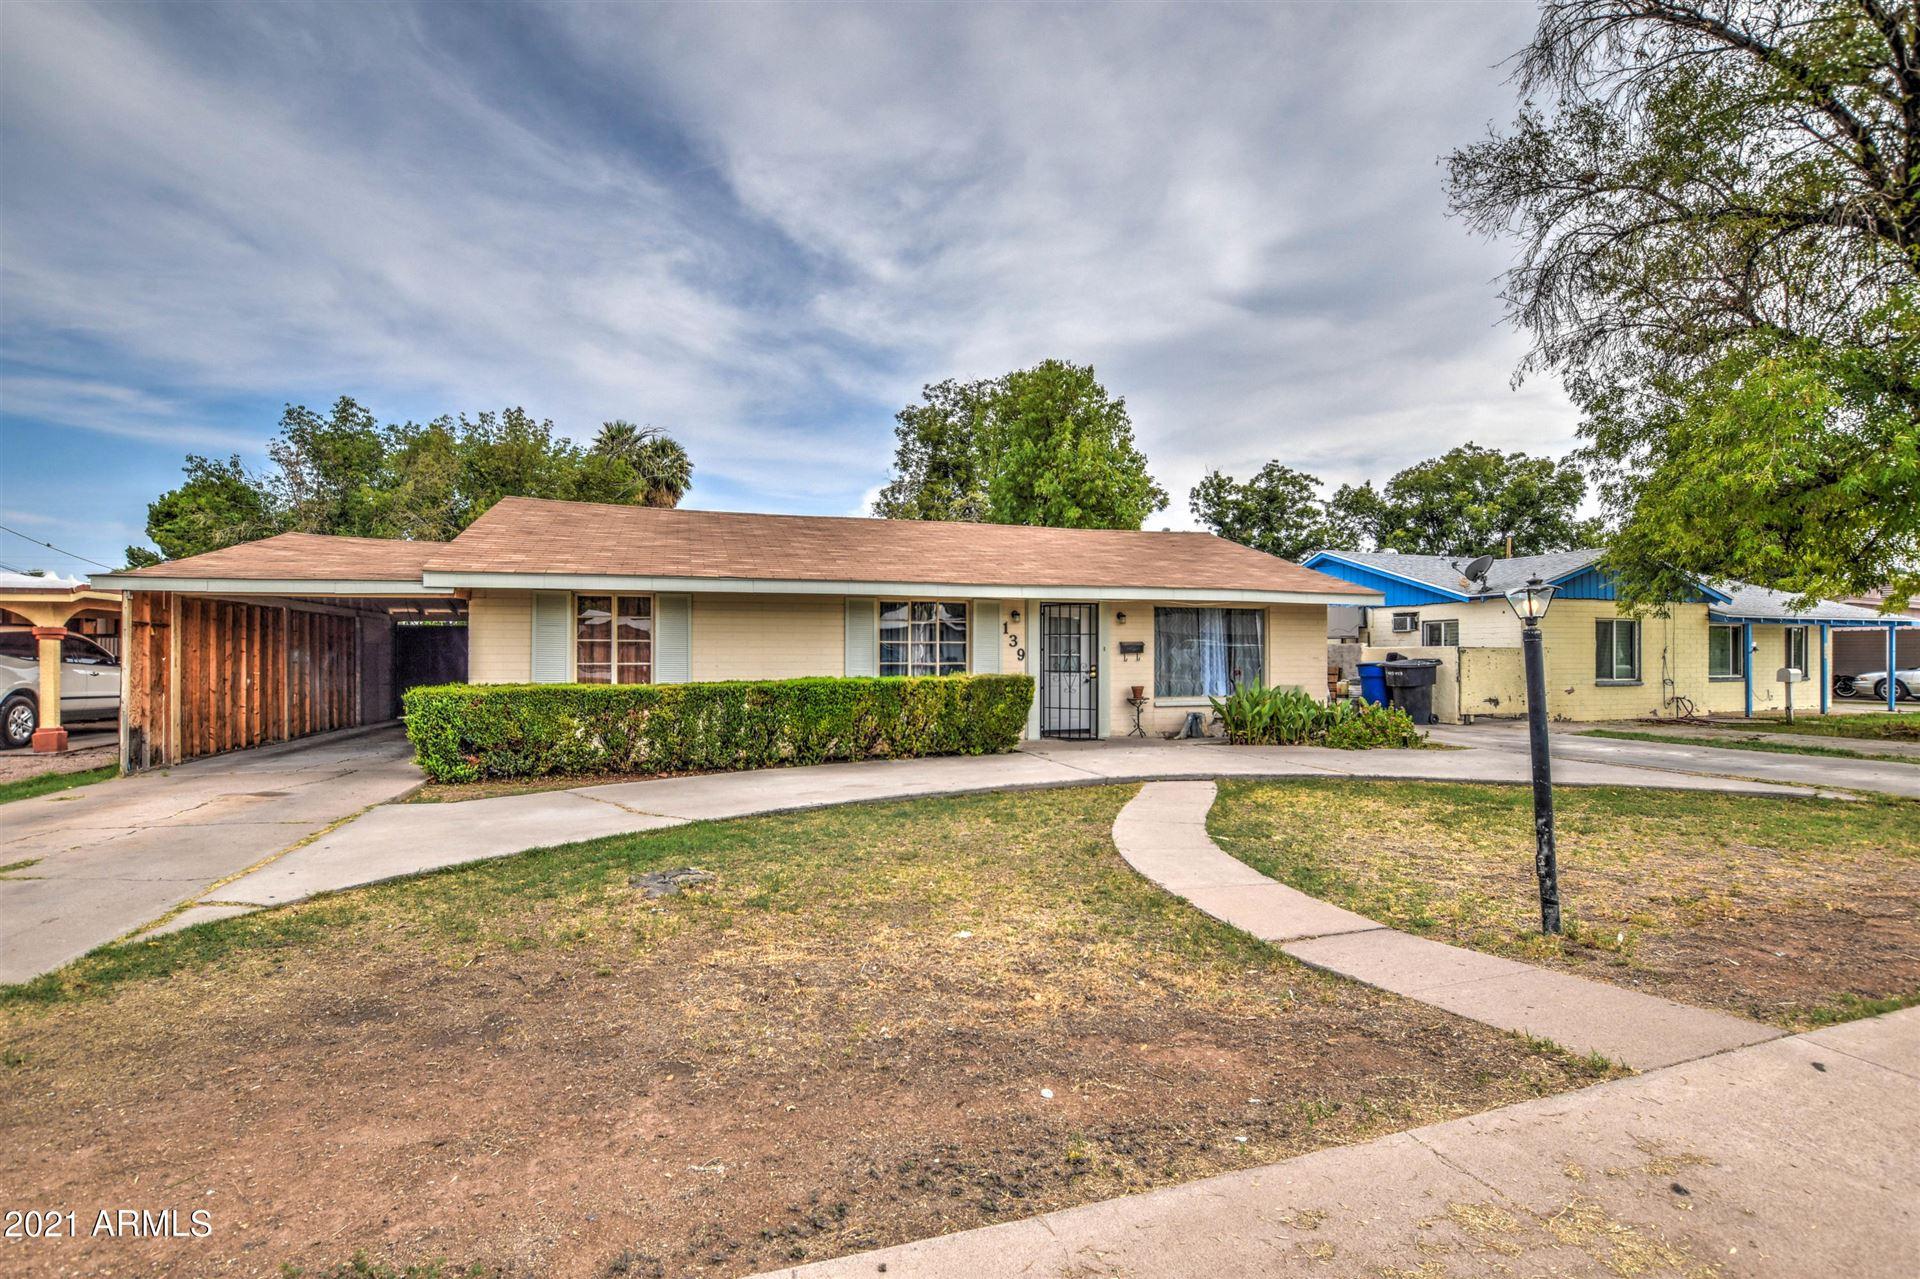 139 W HARRISON Street, Chandler, AZ 85225 - MLS#: 6267547